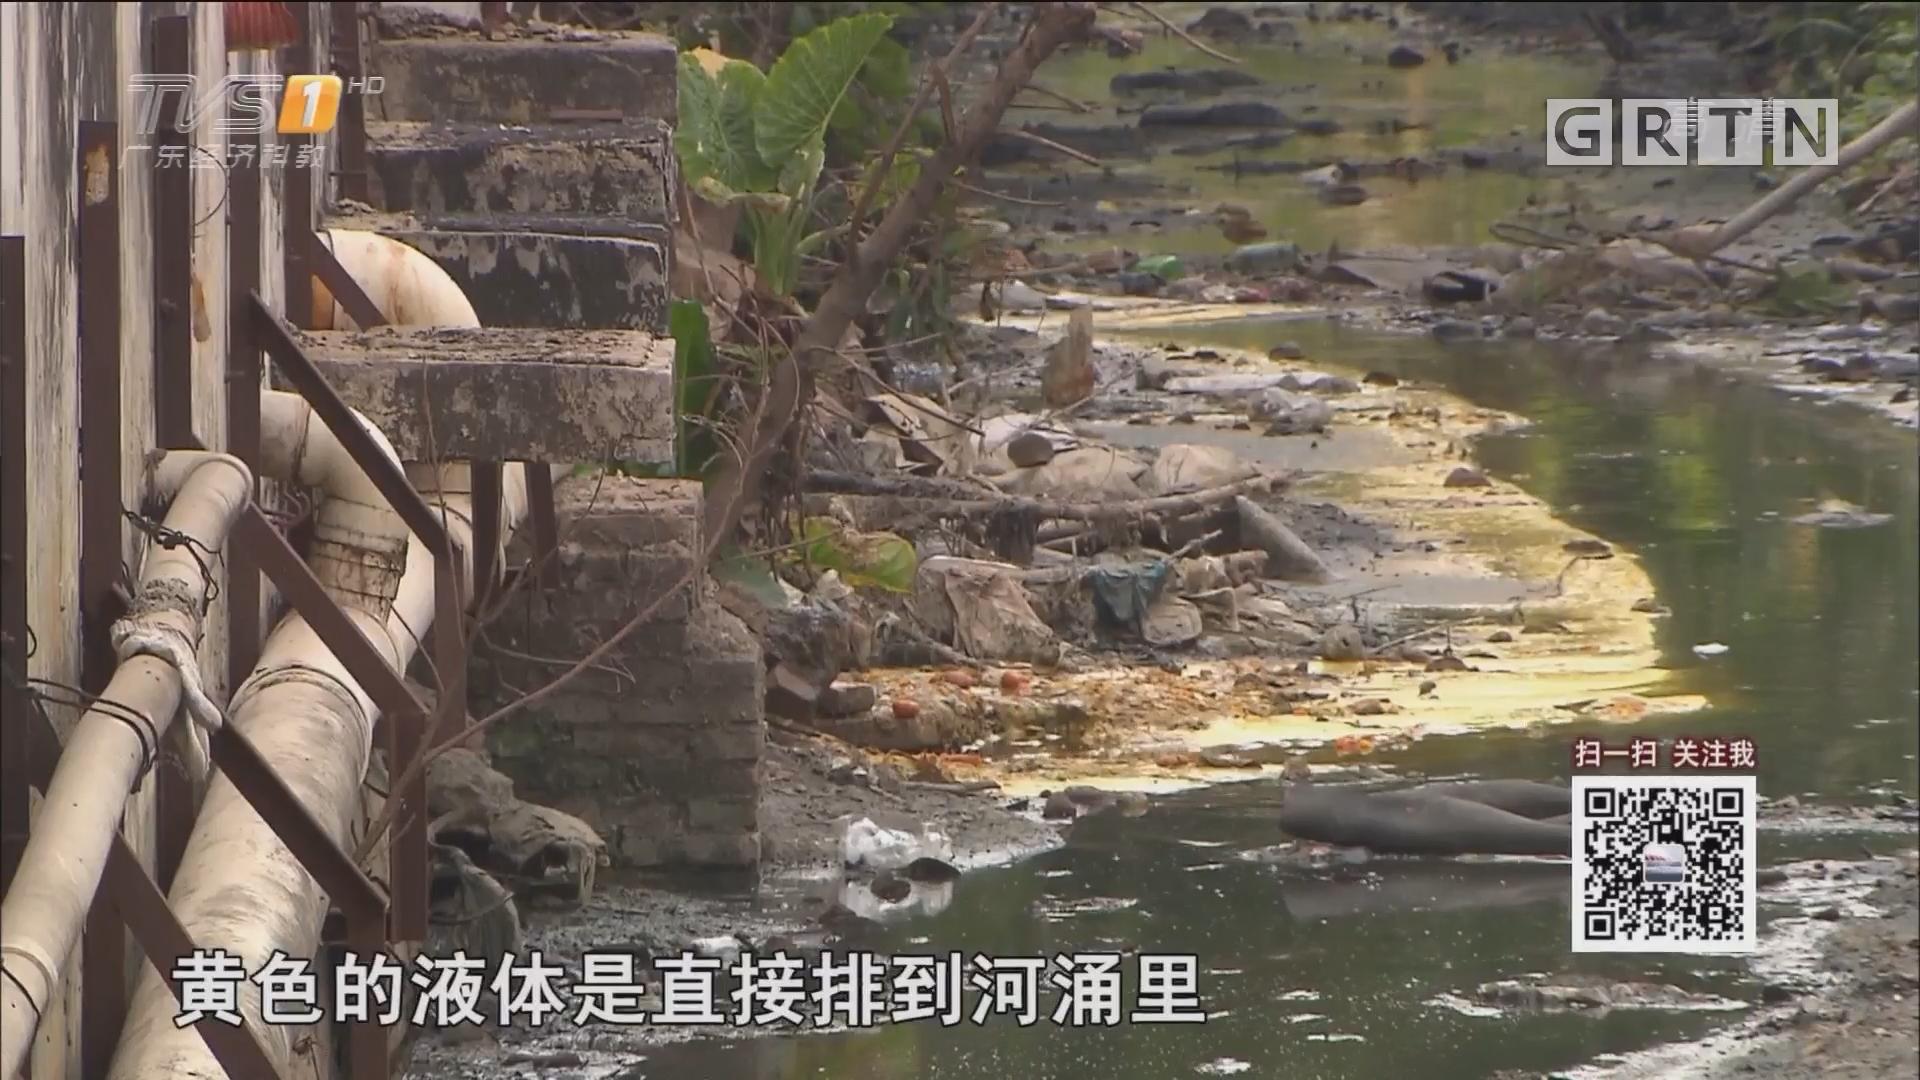 新闻调查:中山两处村庄 水污染触目惊心